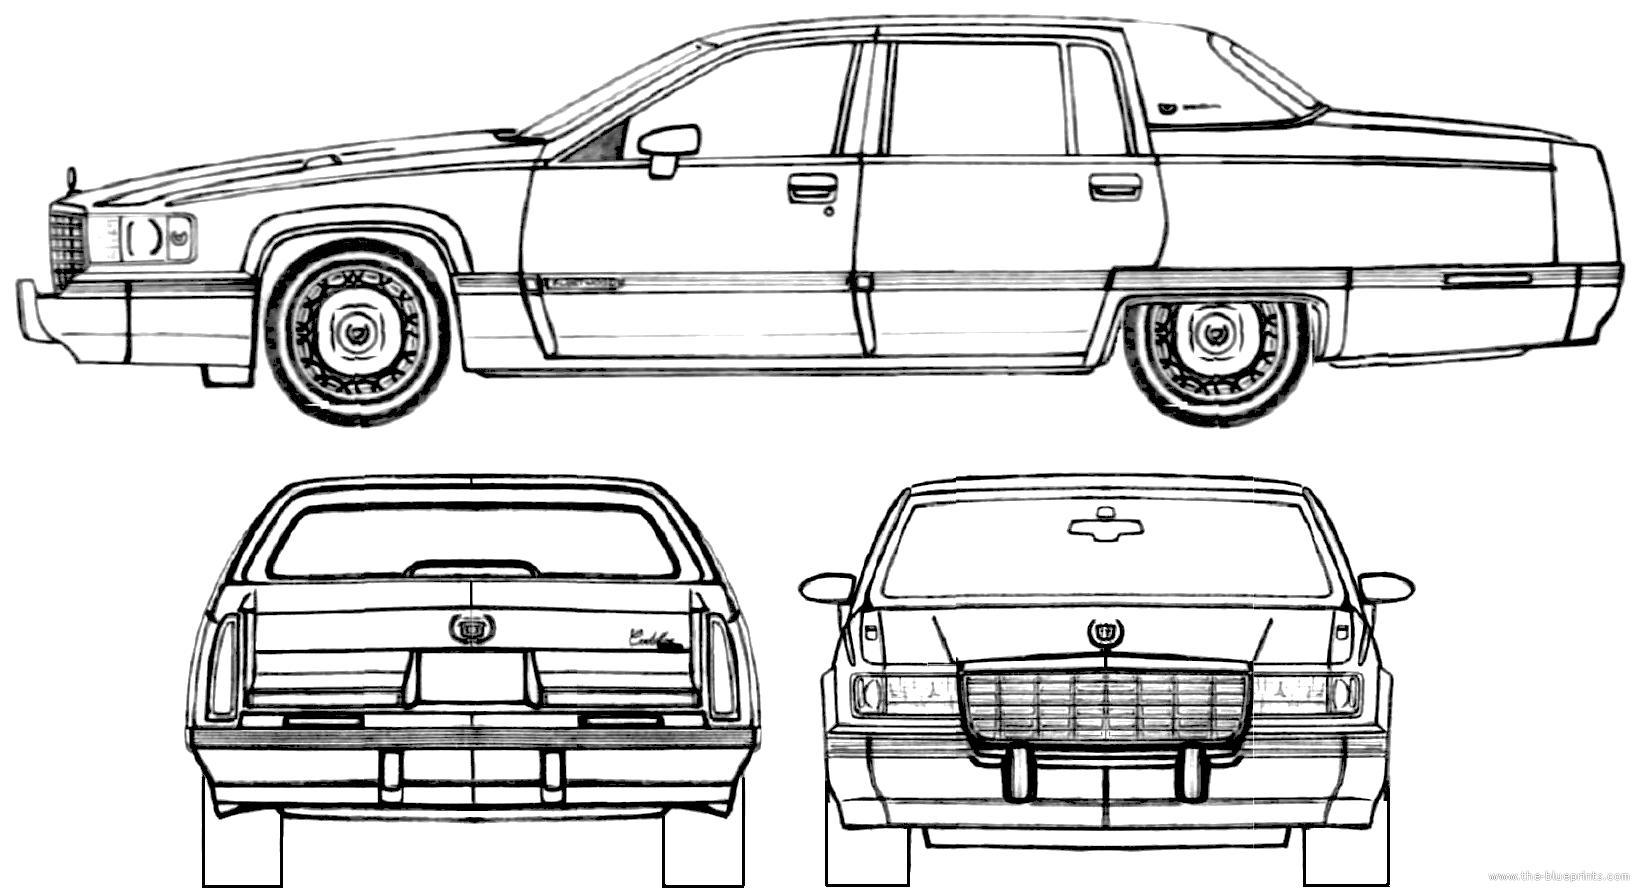 Cadillac Blueprints